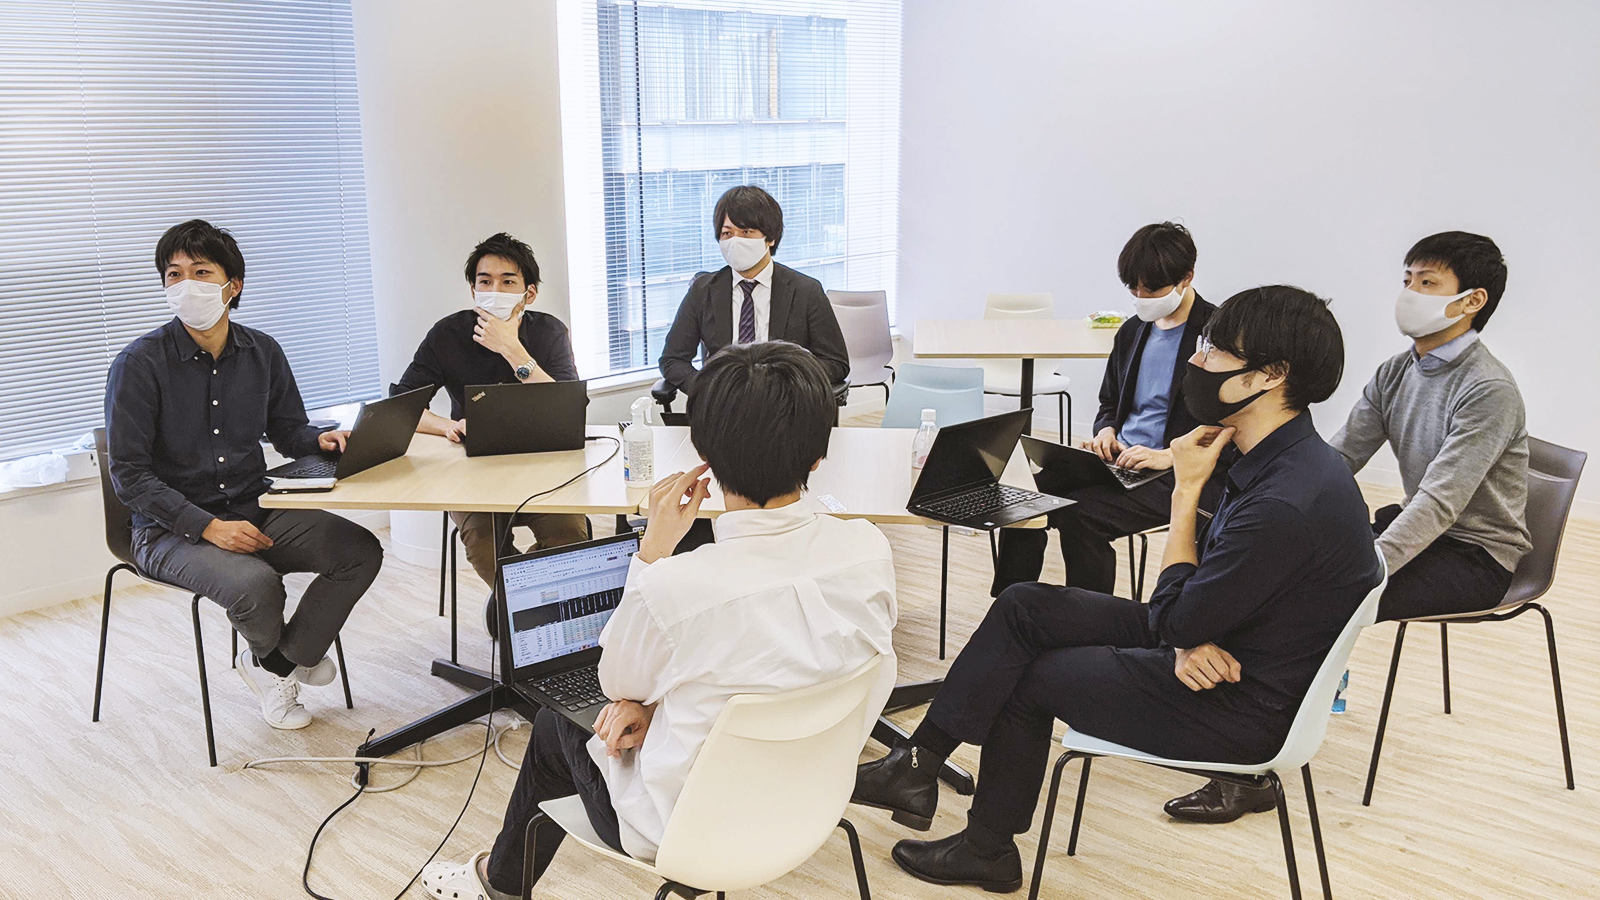 カスタマー・サポート(マネージャー候補)